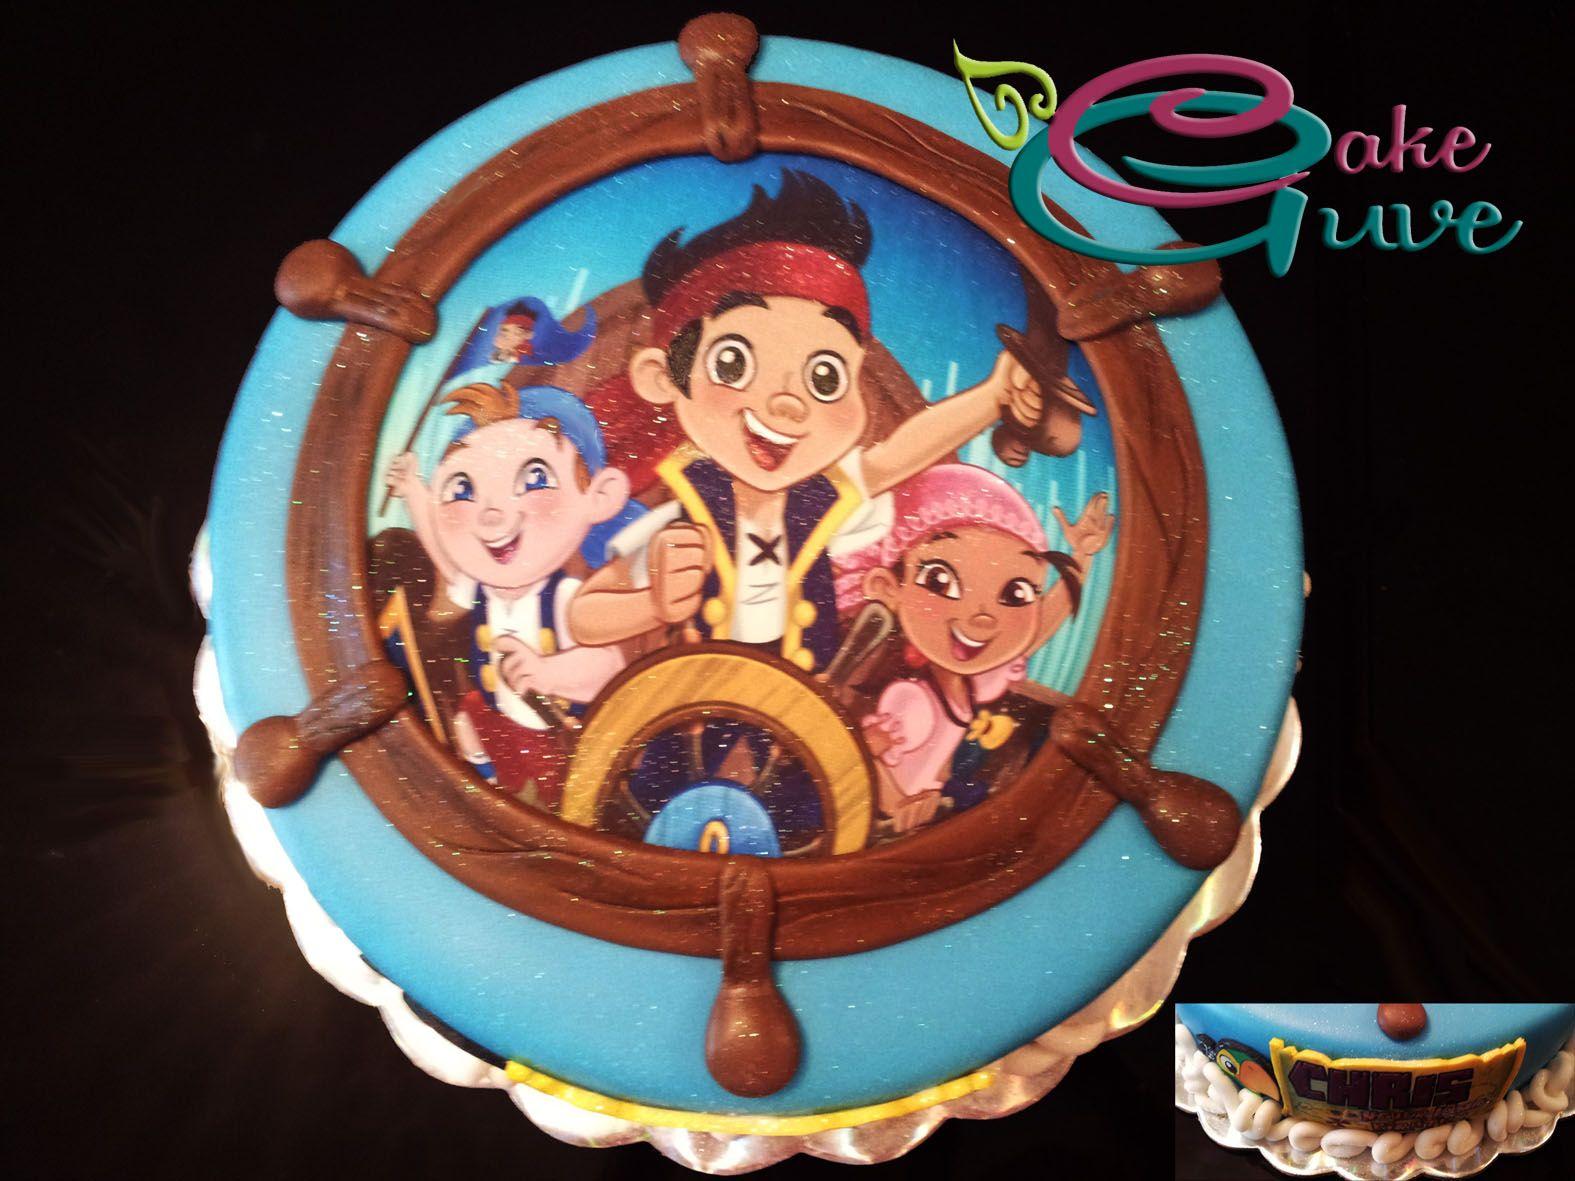 Torta jake y los piratas fiesta matti pastel de - Bizcocho cumpleanos para ninos ...